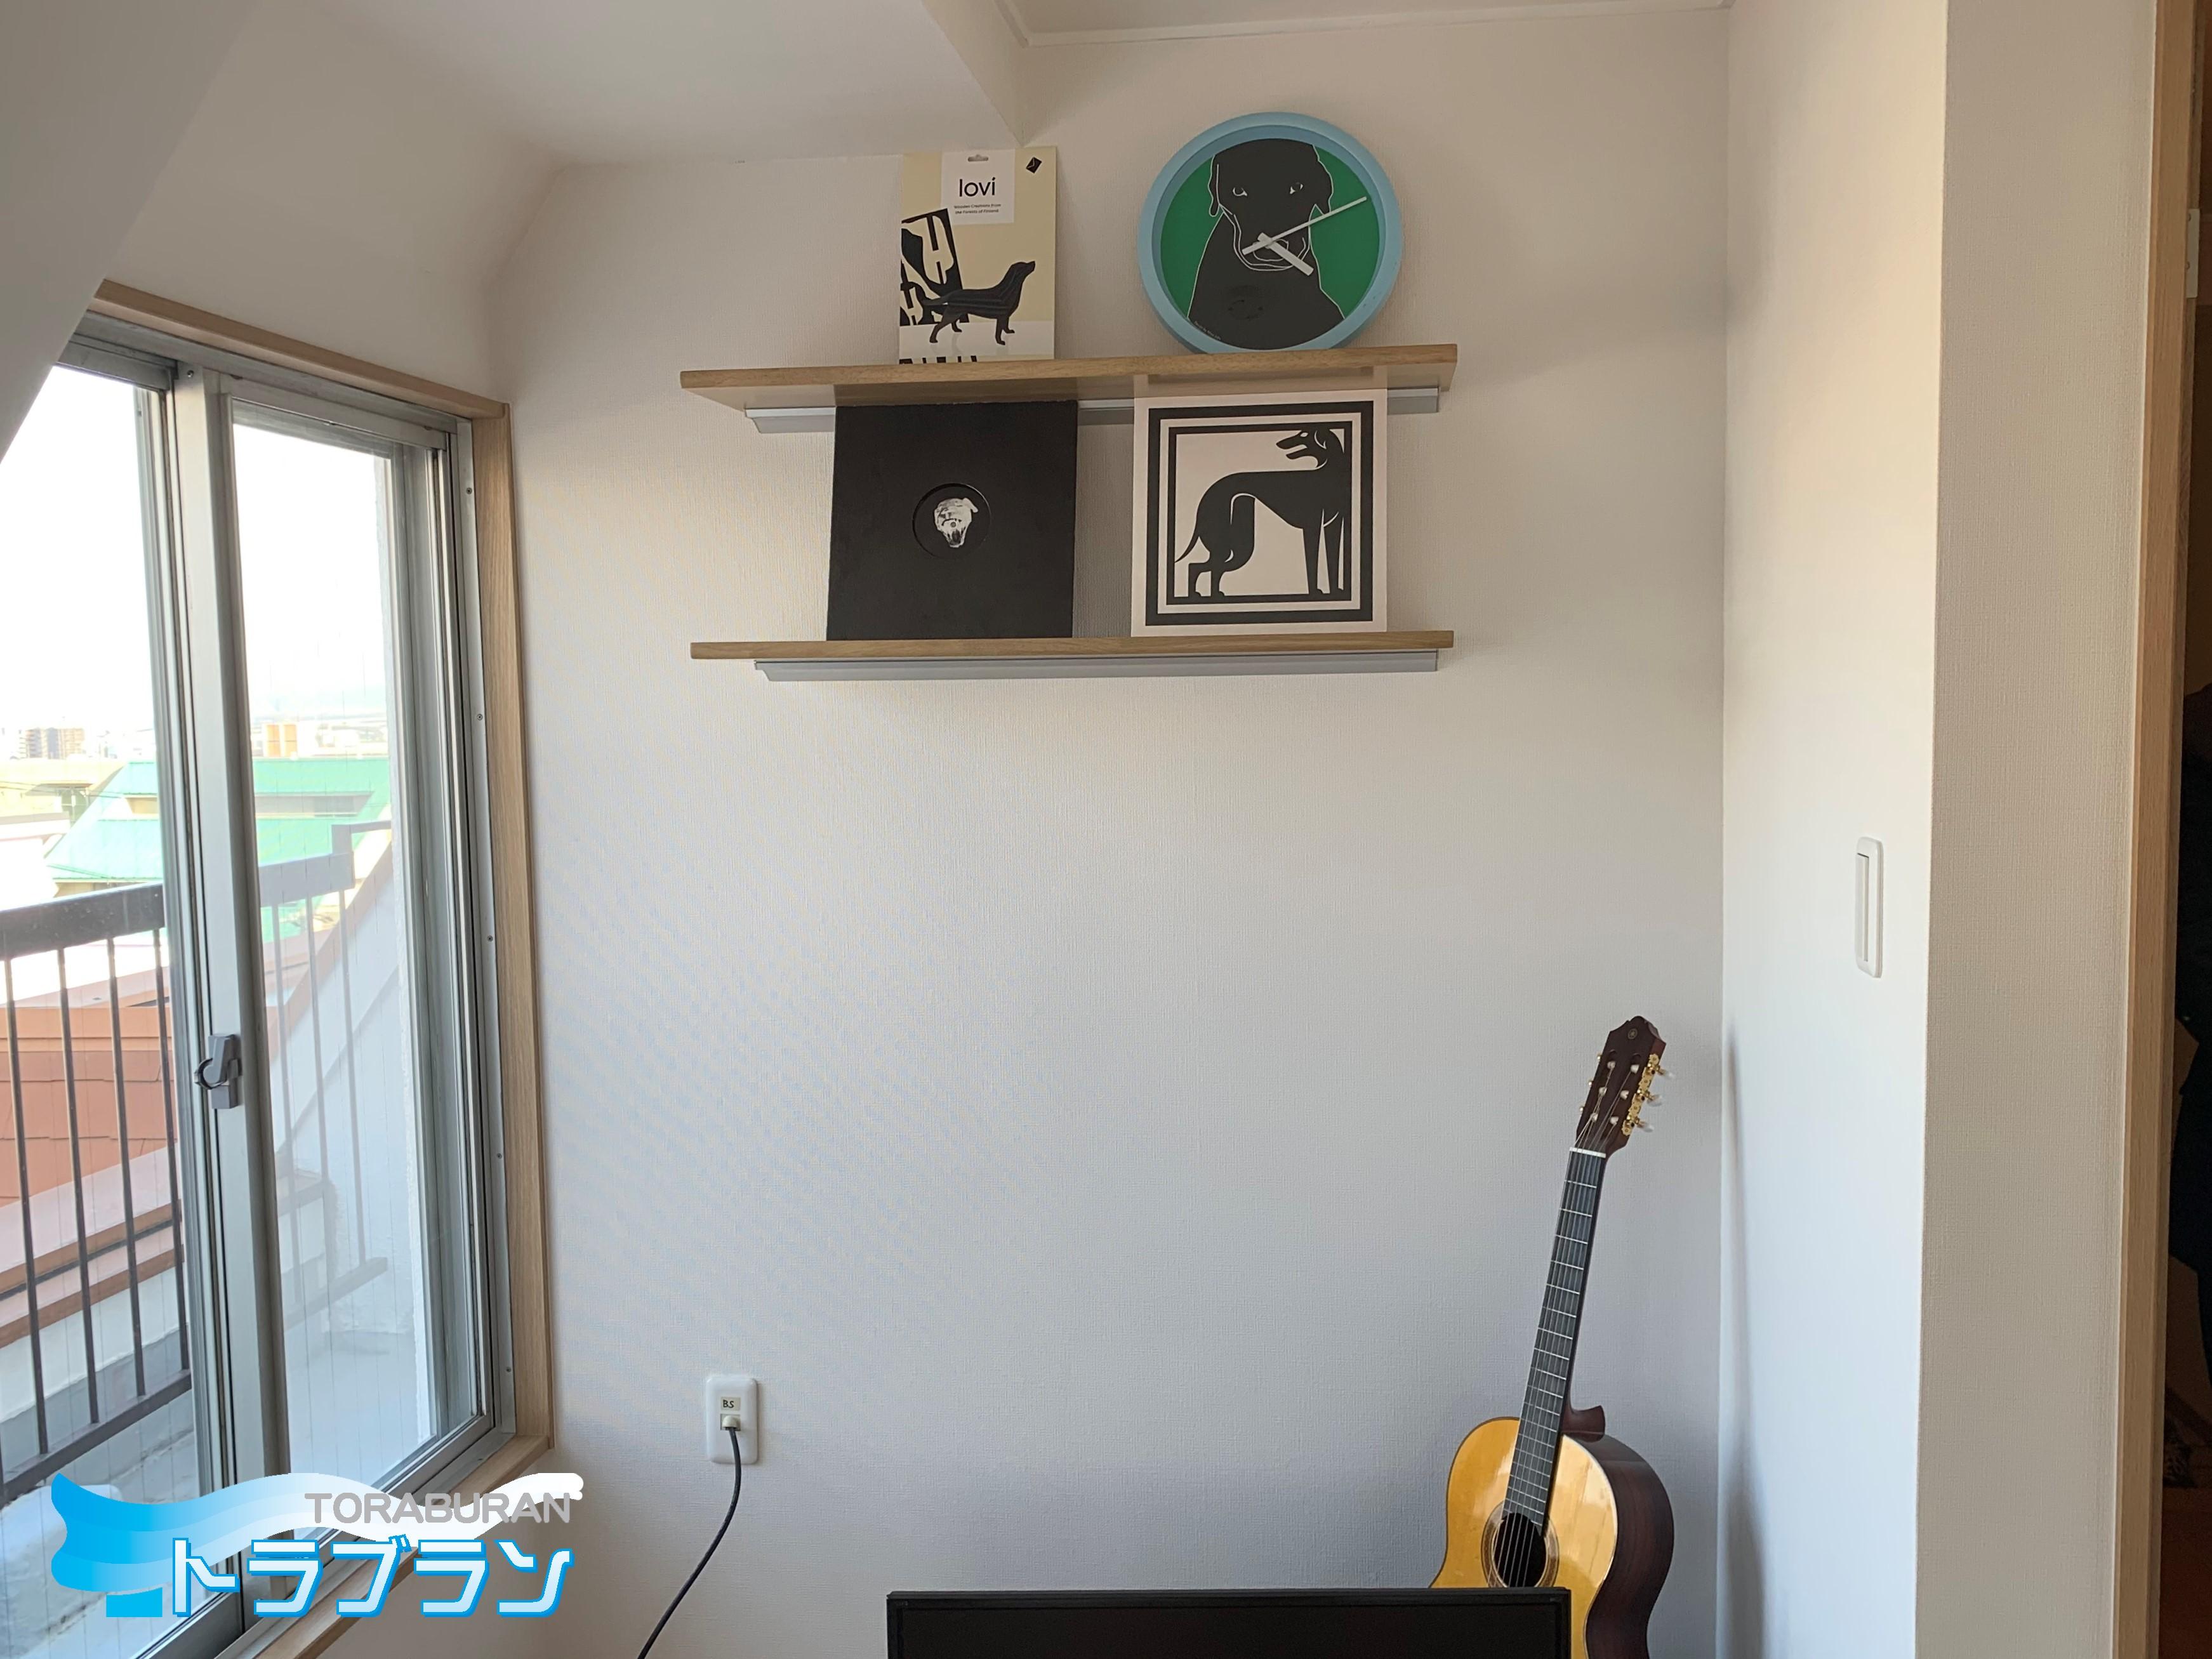 ステイホーム コロナ 緊急事態宣言 自宅待機 トラブラン 神戸市